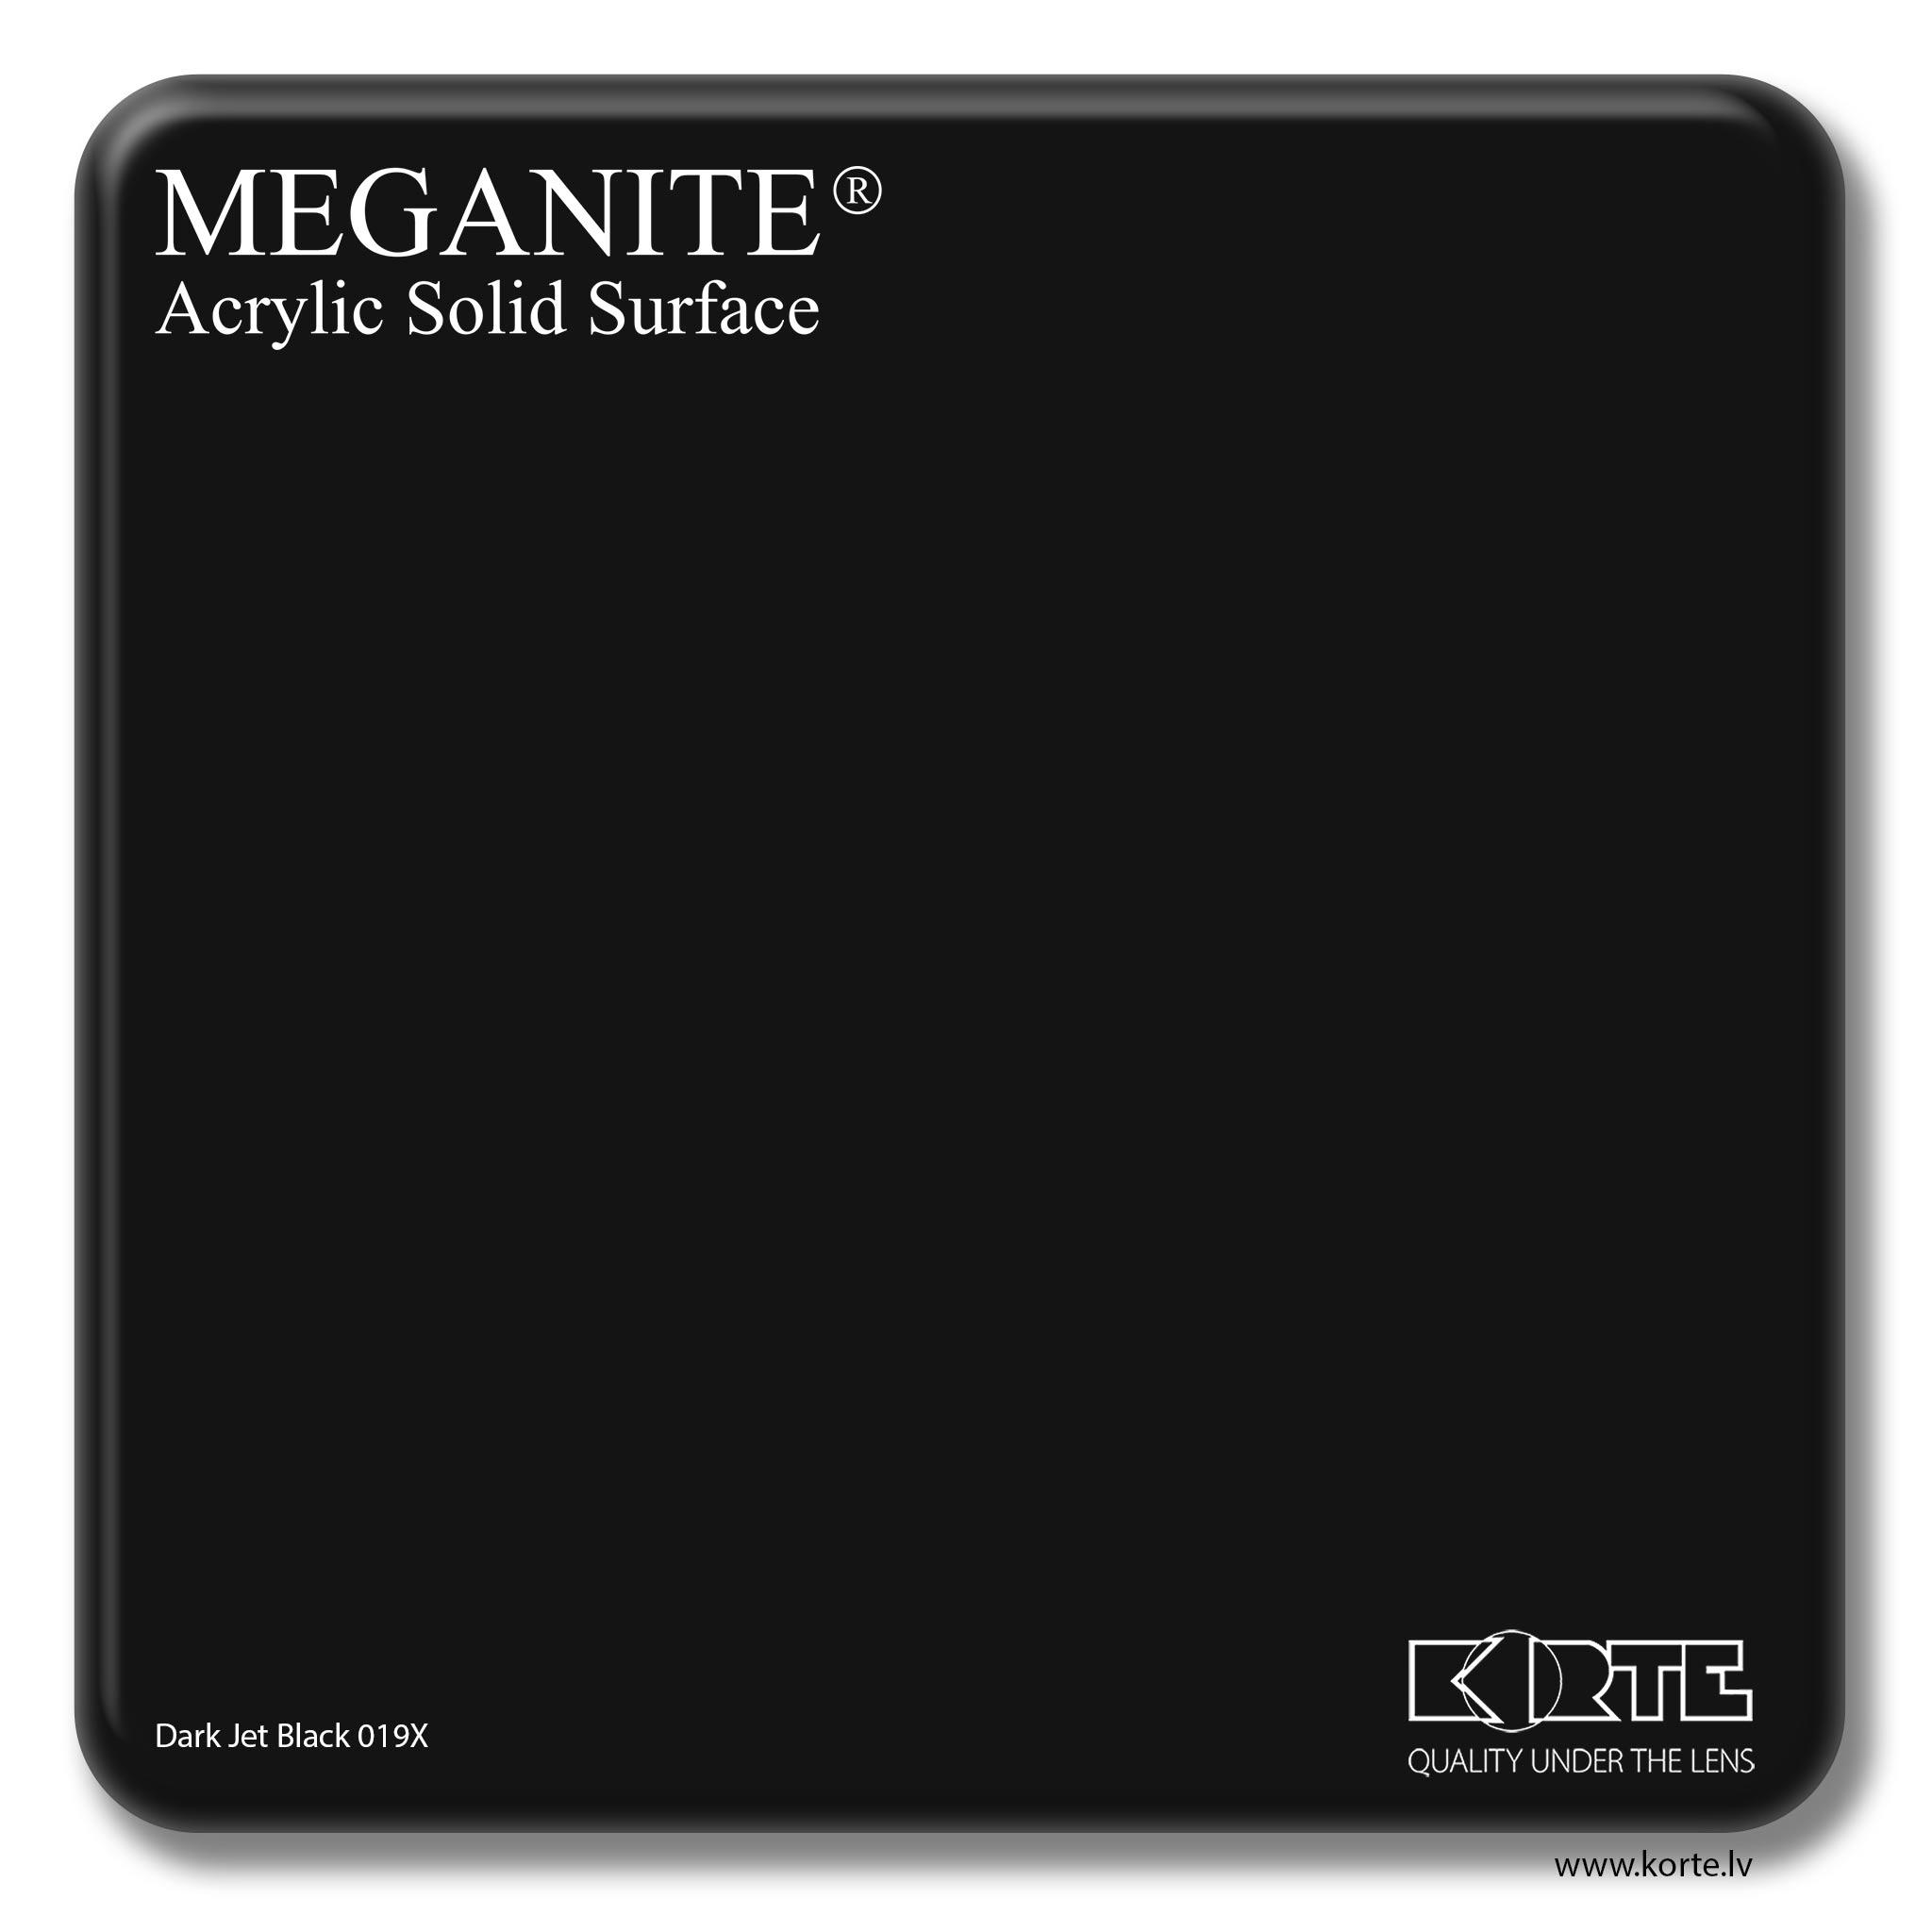 Meganite Dark Jet Black 019X